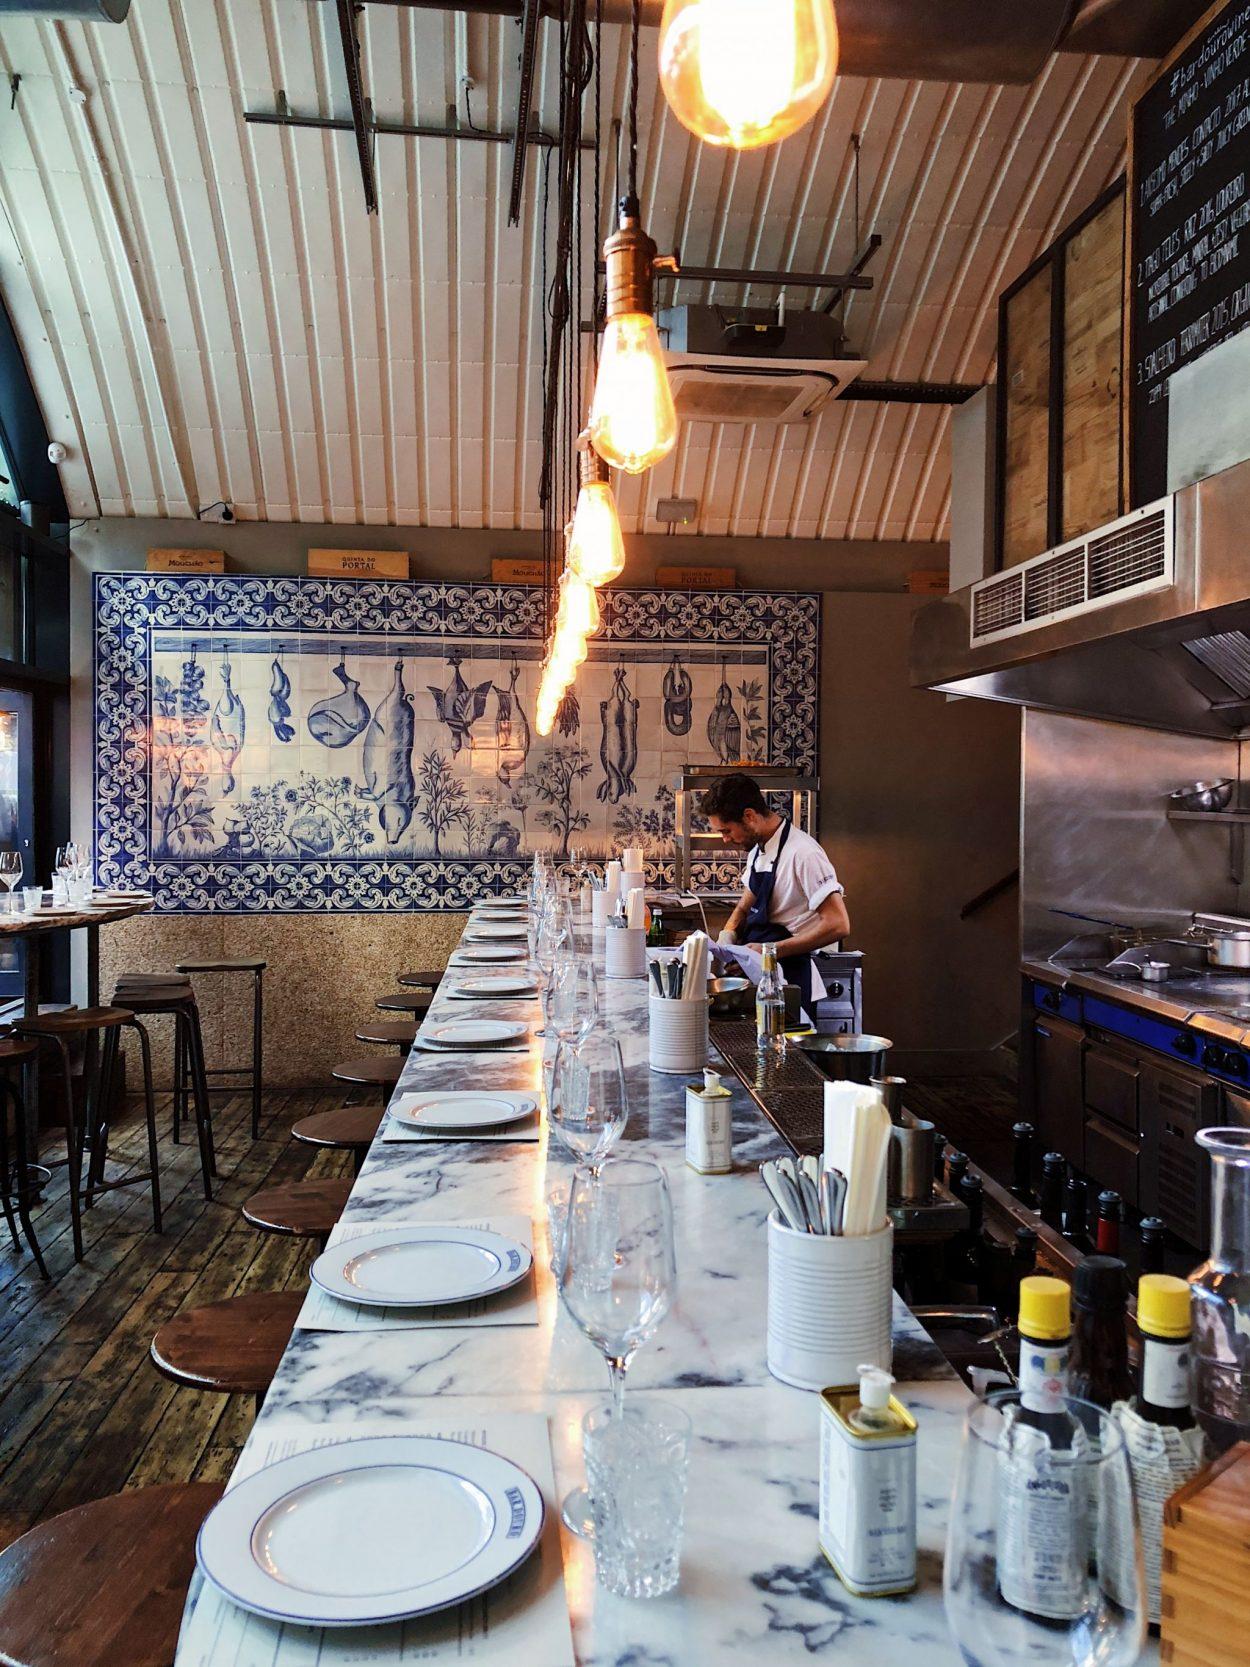 Best Portuguese Restaurant London Review